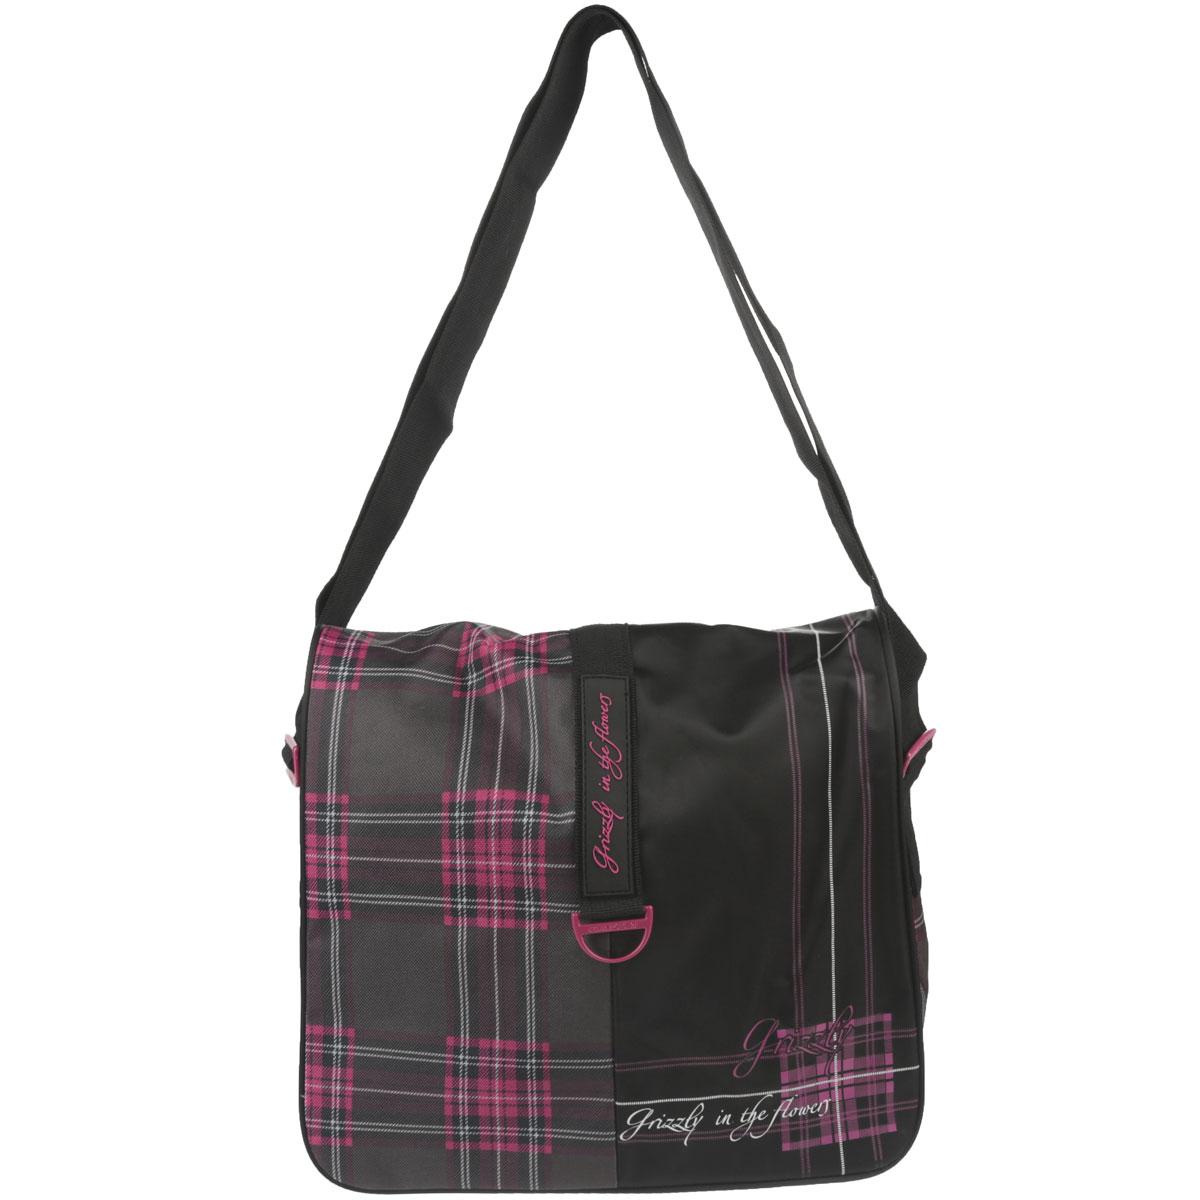 Сумка молодежная Grizzly Purple cross, цвет: черный, розовый. MD-521-2MD-521-2/6Молодежная сумка с двумя отделениями на молнии и закрывающаяся клапаном на липучки, со сложной передней стенкой с множеством карманов и пеналом, с внутренним карманом на молнии, с регулируемым ремнем.